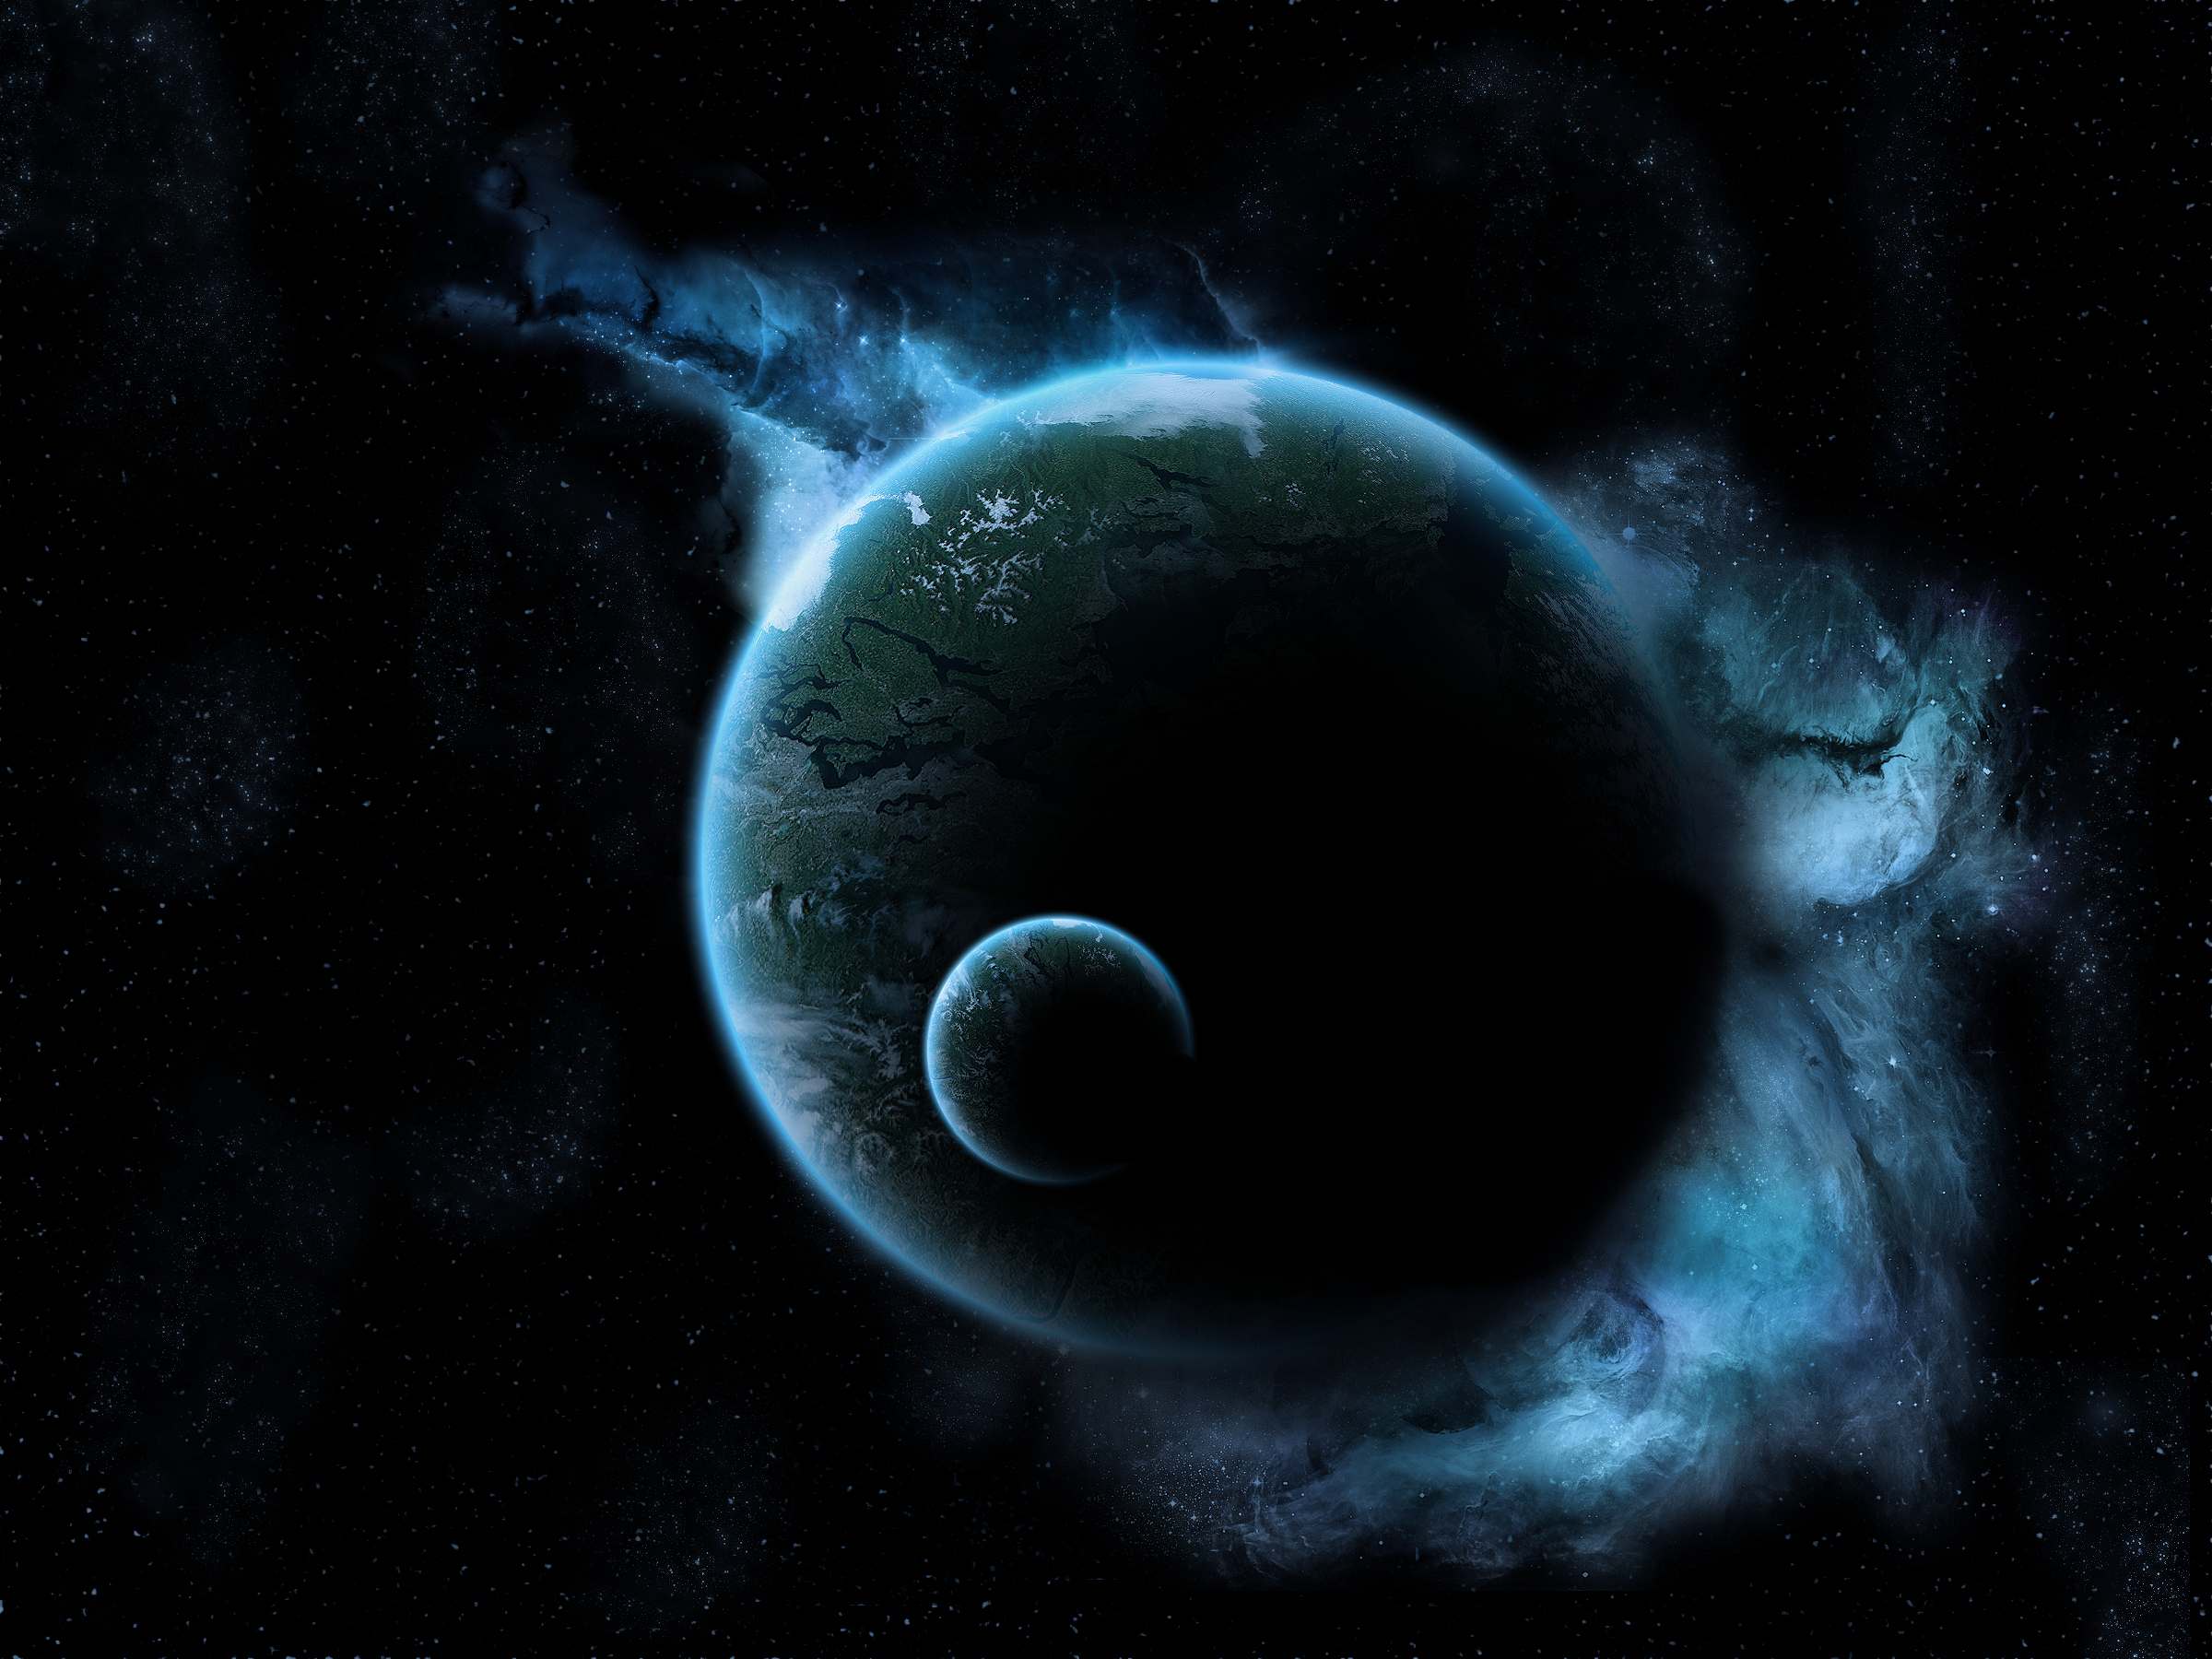 Обои Темная планета картинки на рабочий стол на тему Космос - скачать  № 1763039 без смс